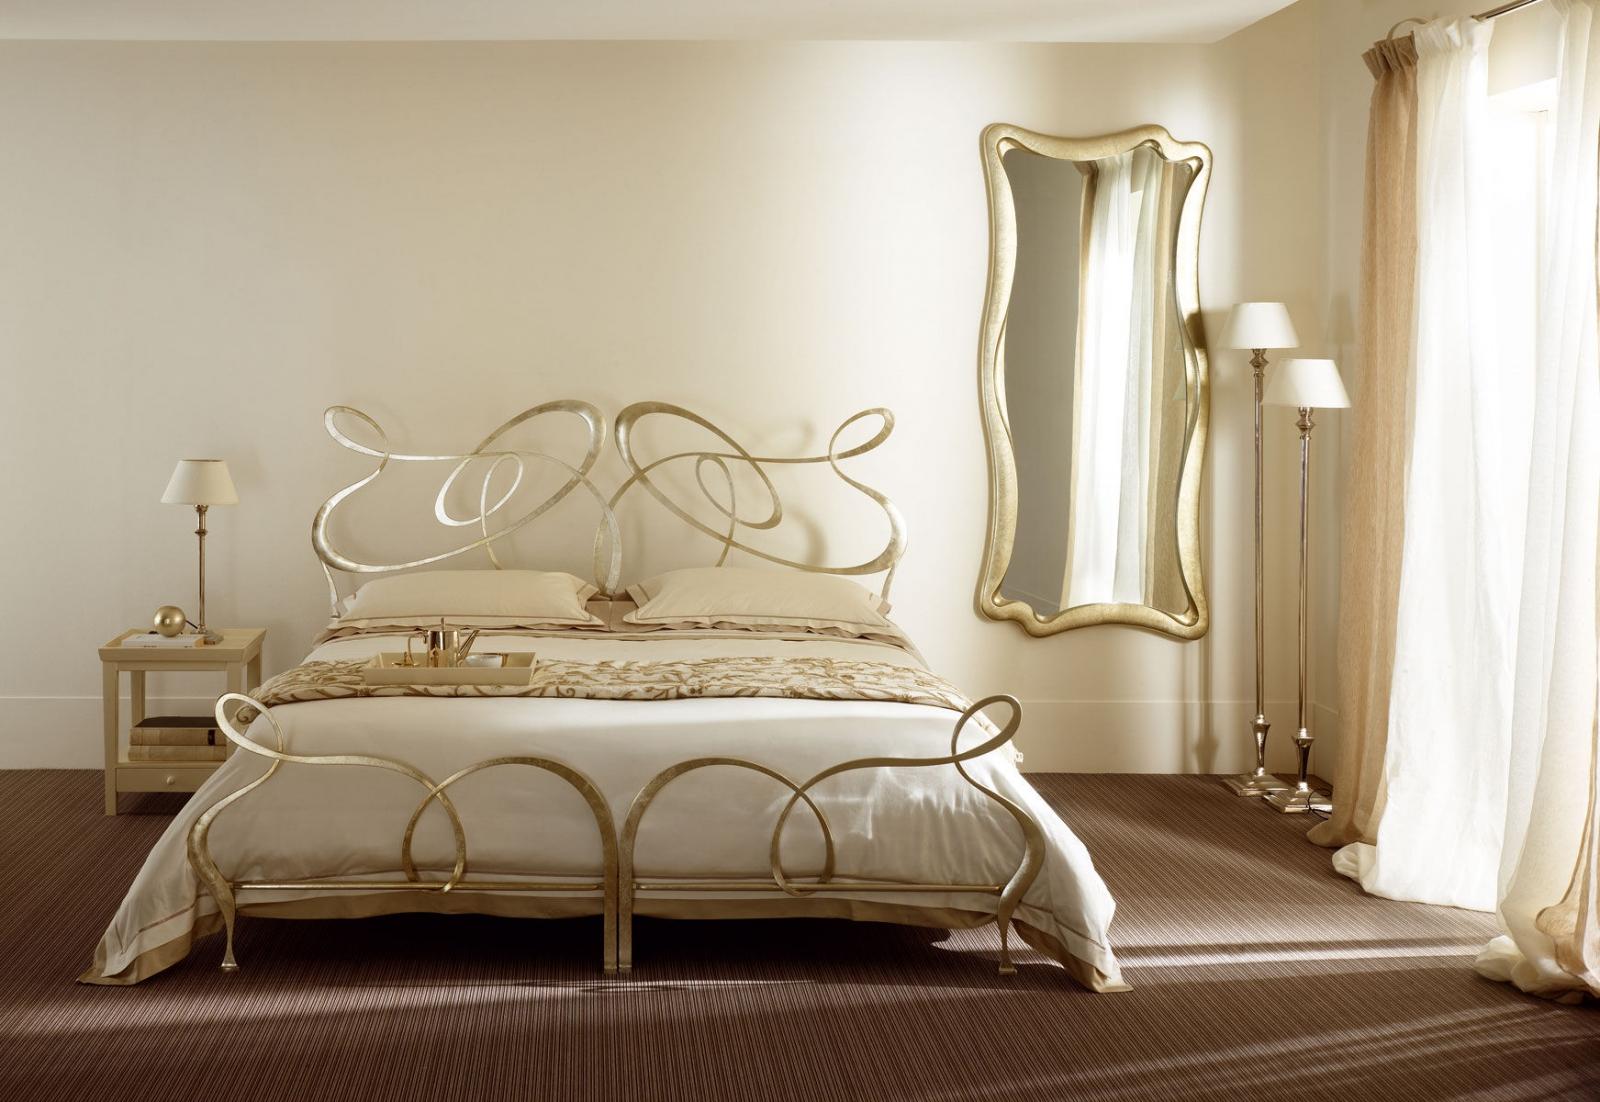 Золотистые элементы в декоре спальни